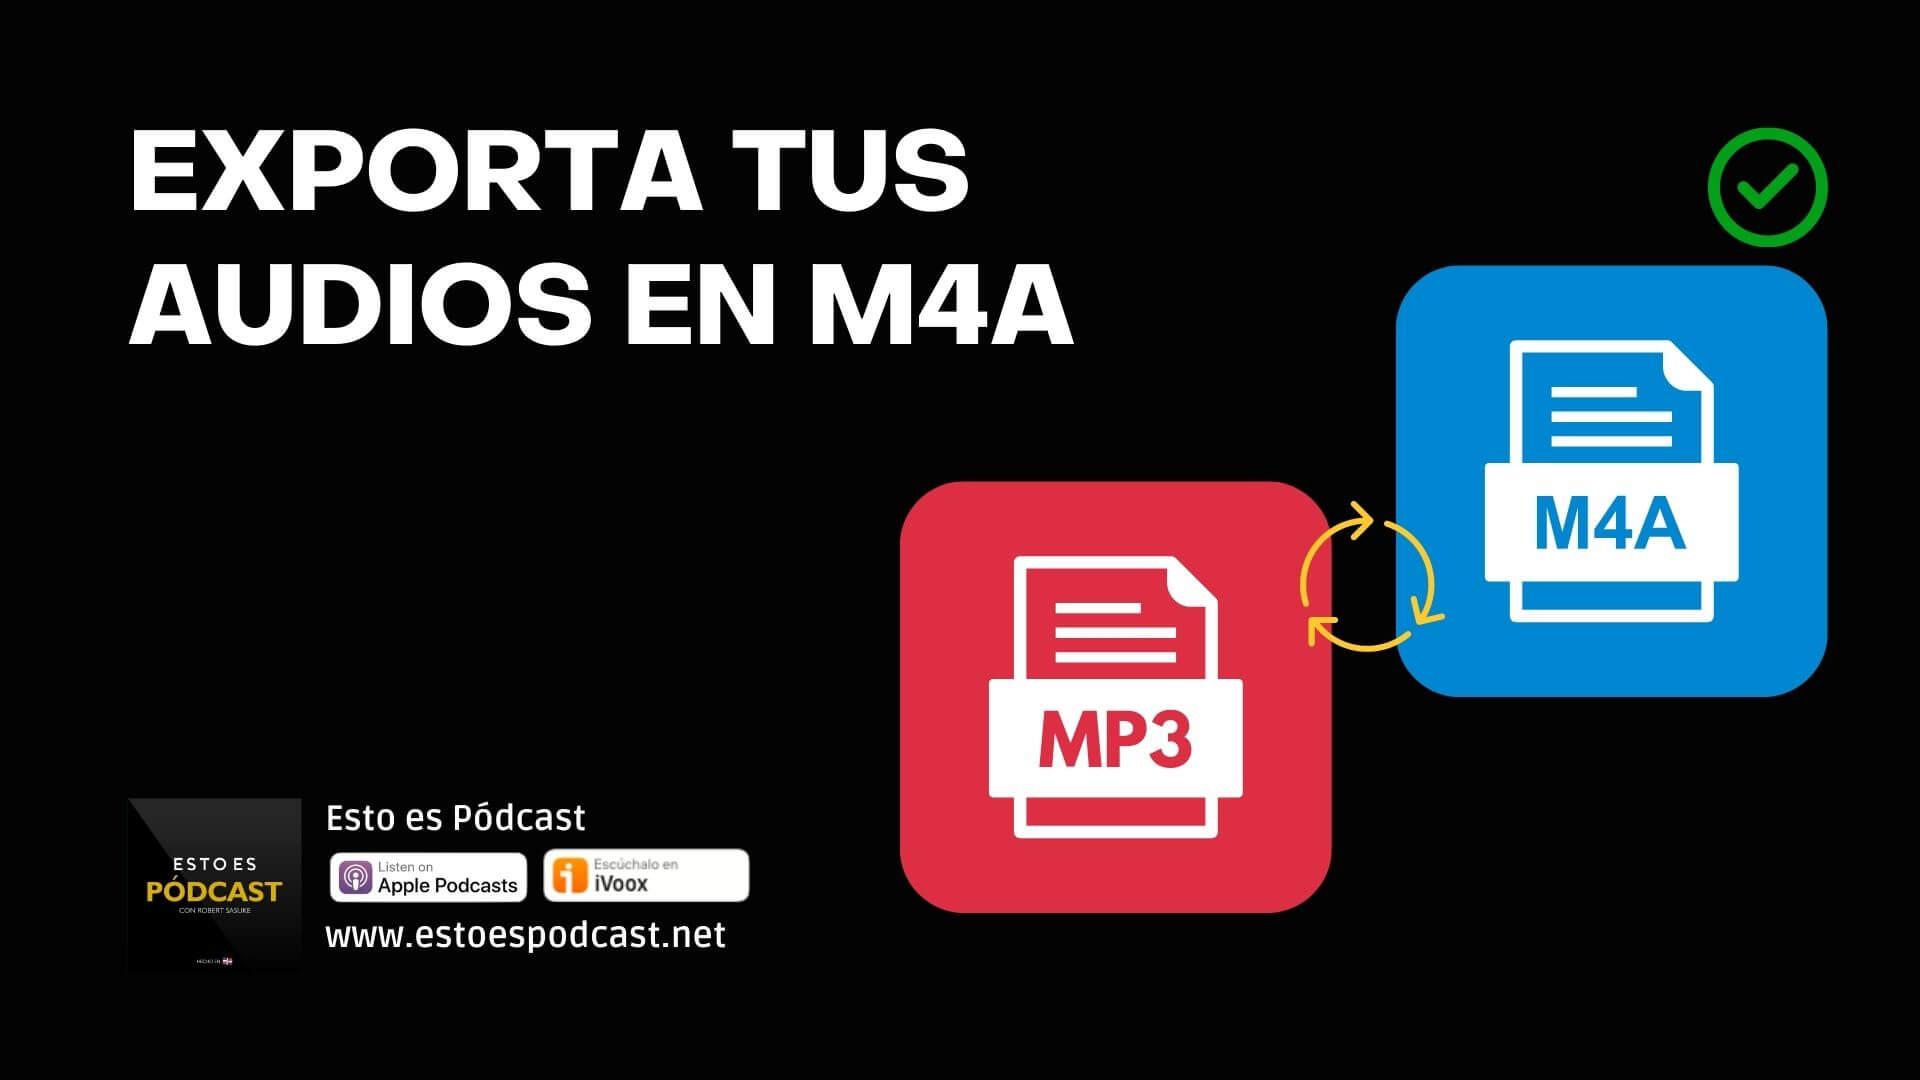 Si Quieres calidad de audio exporta en M4A